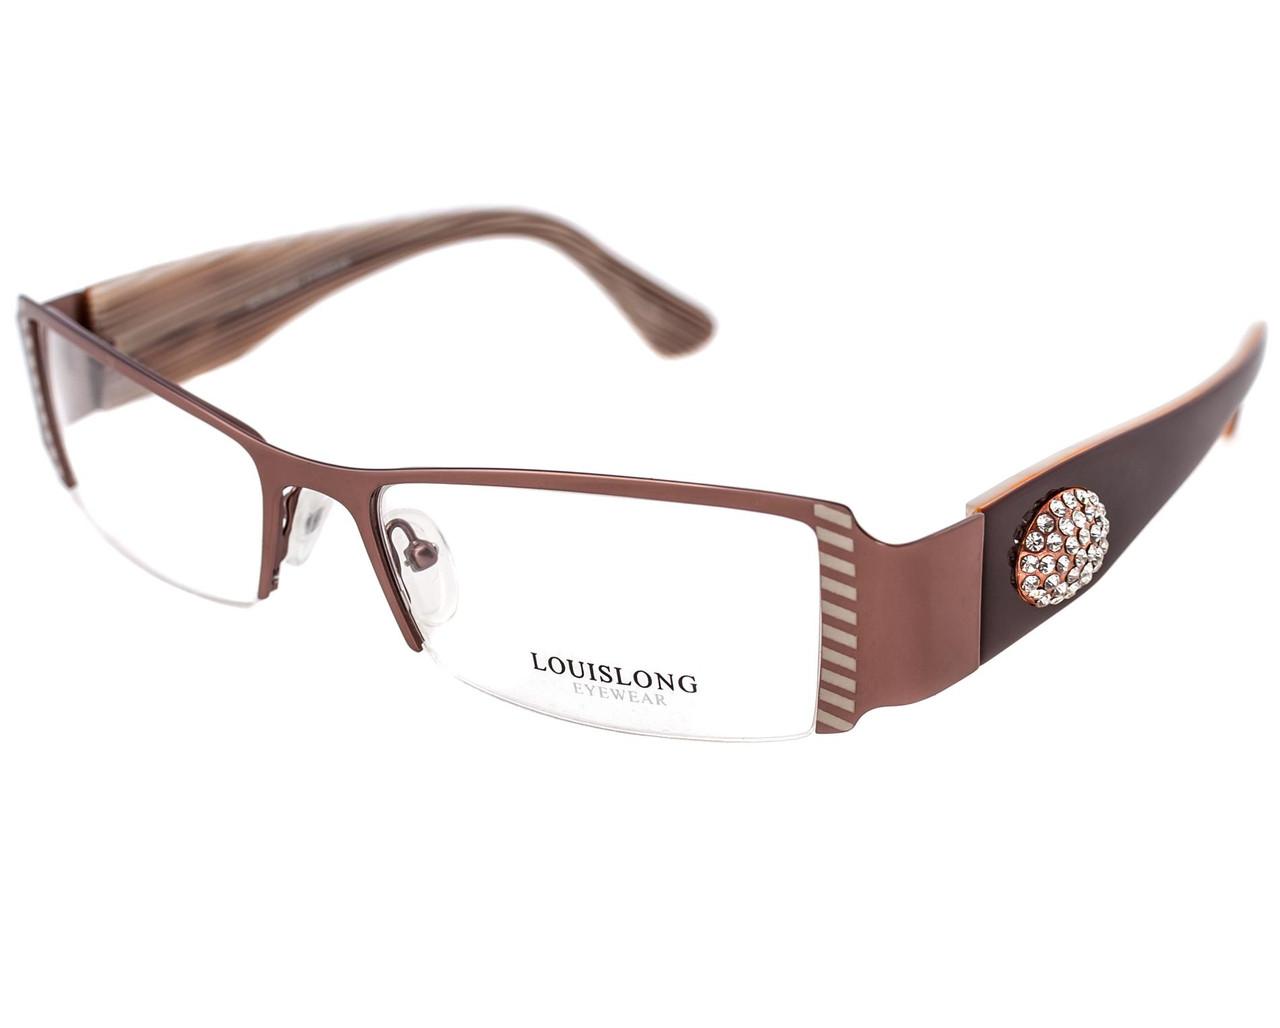 Оправы для очков Louis Long L046 C2 01